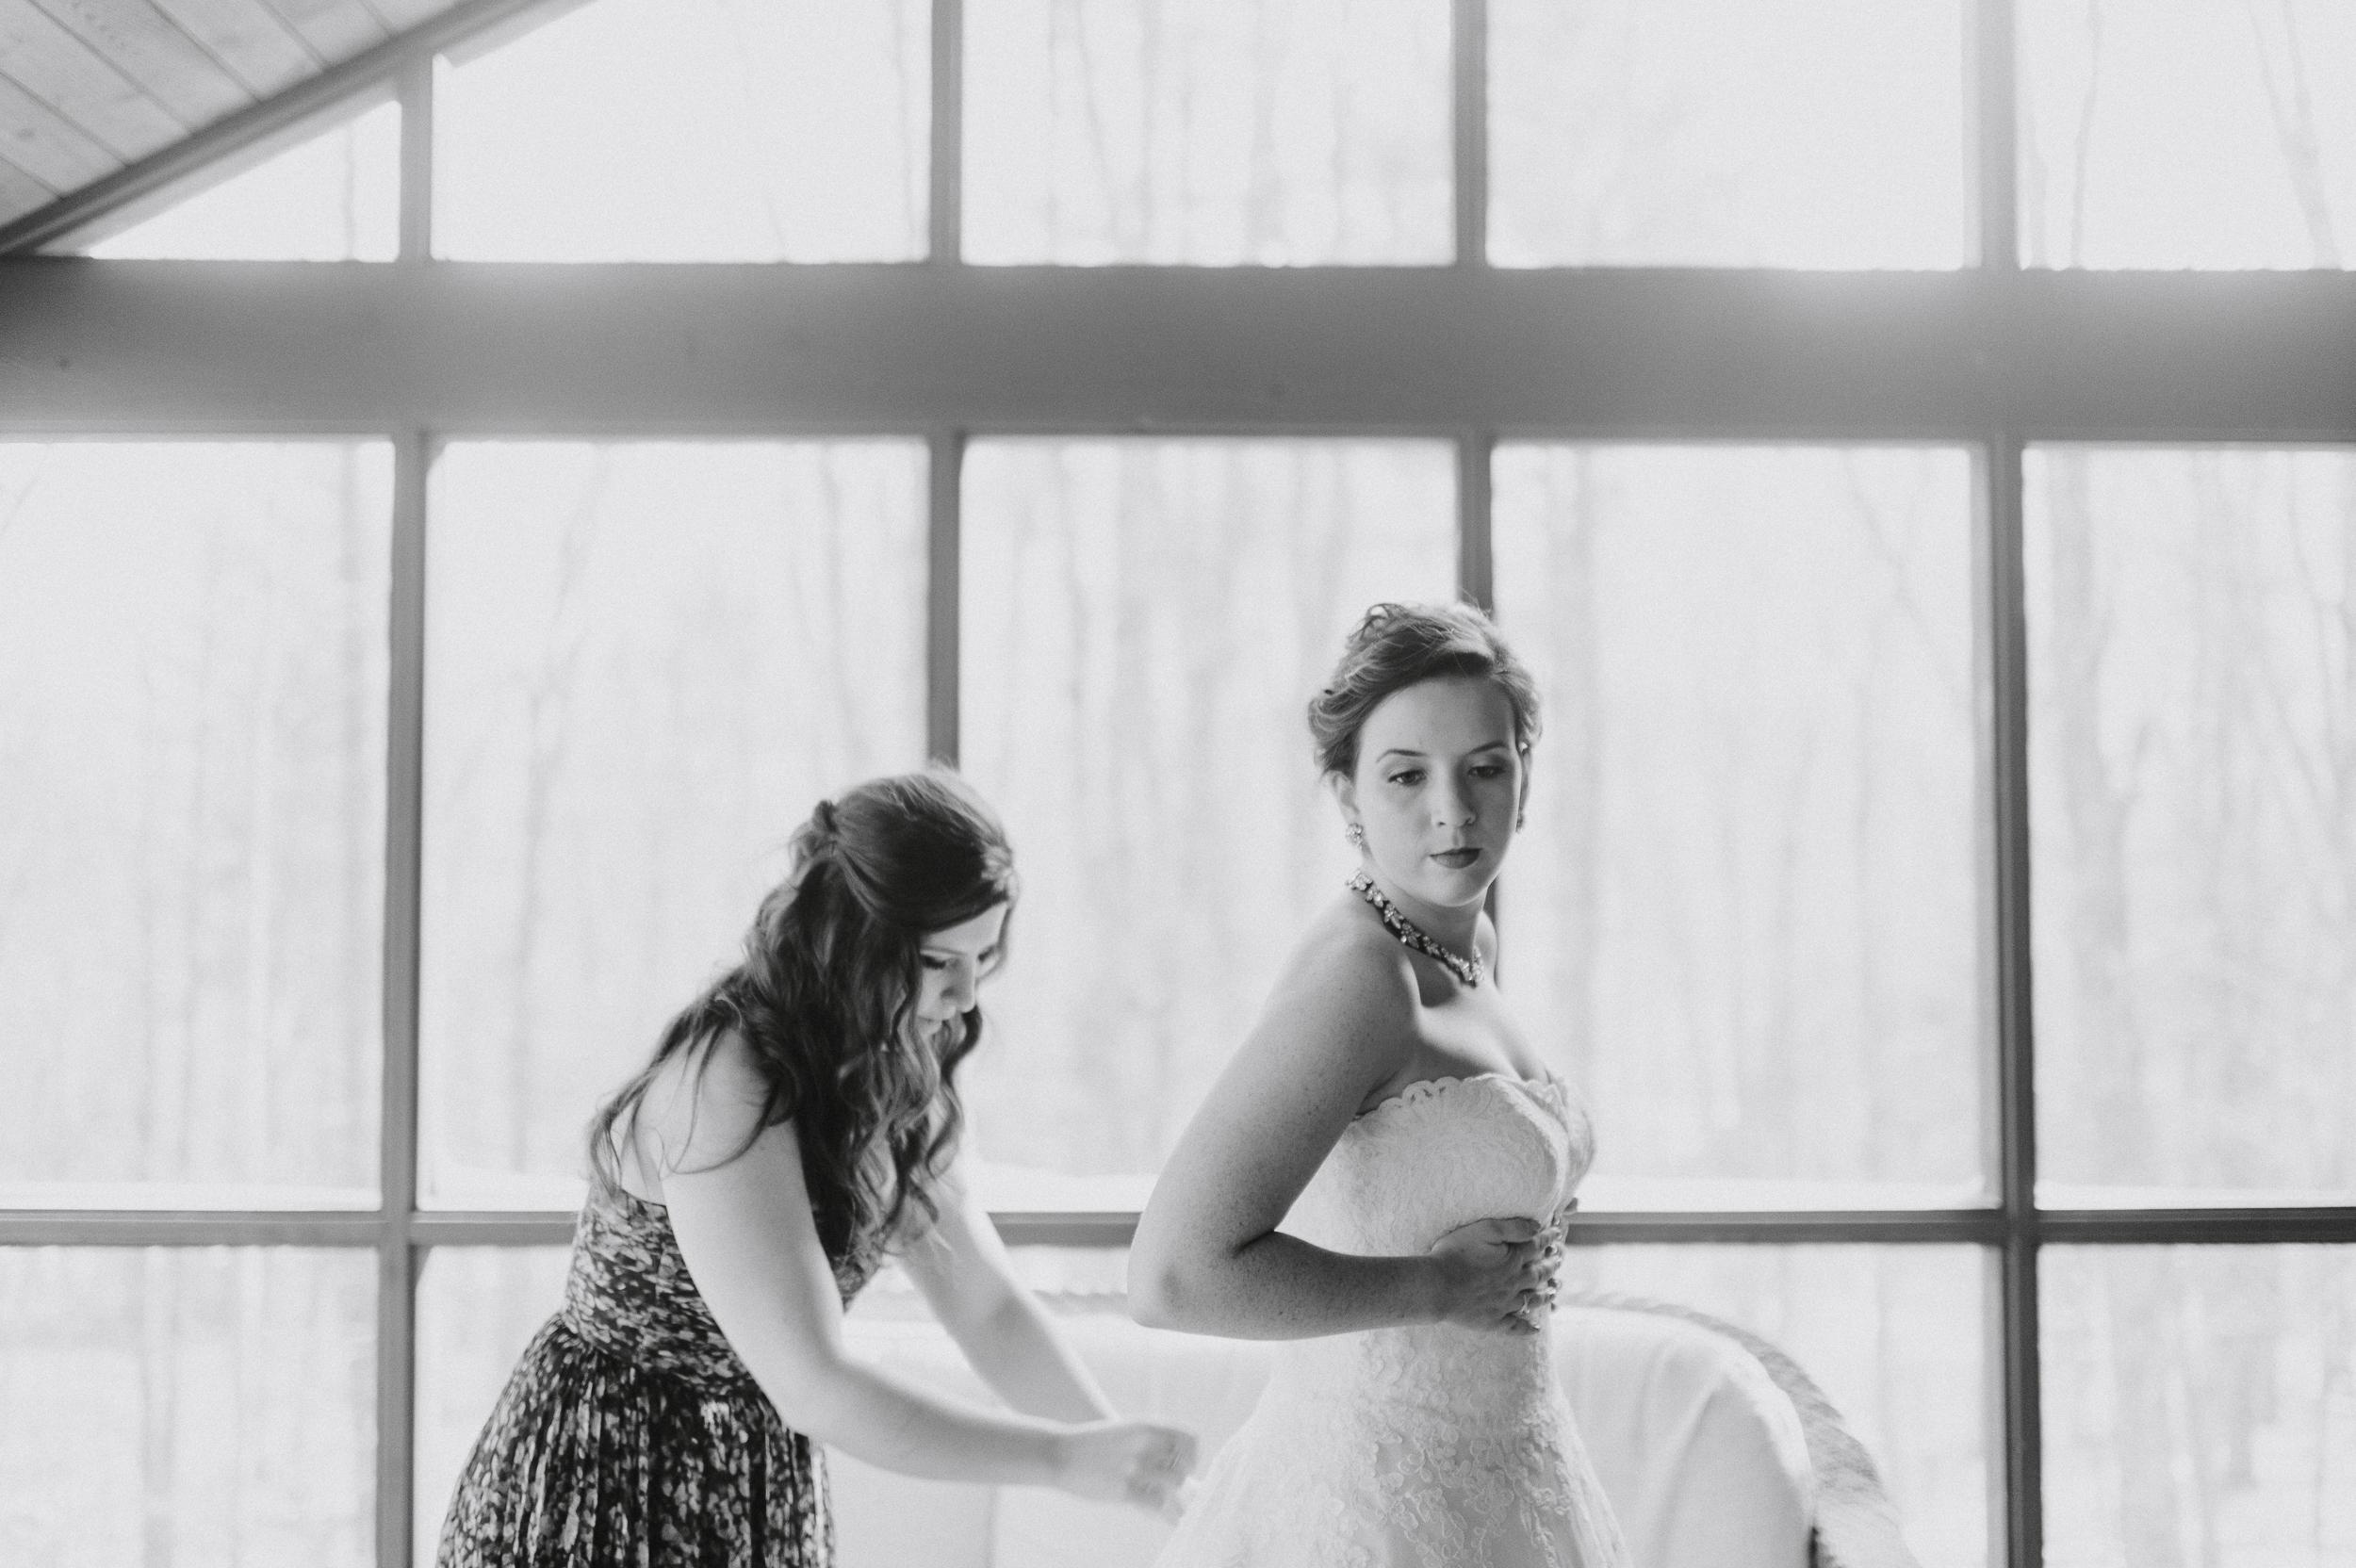 vermont-destination-wedding-photographer-14.jpg